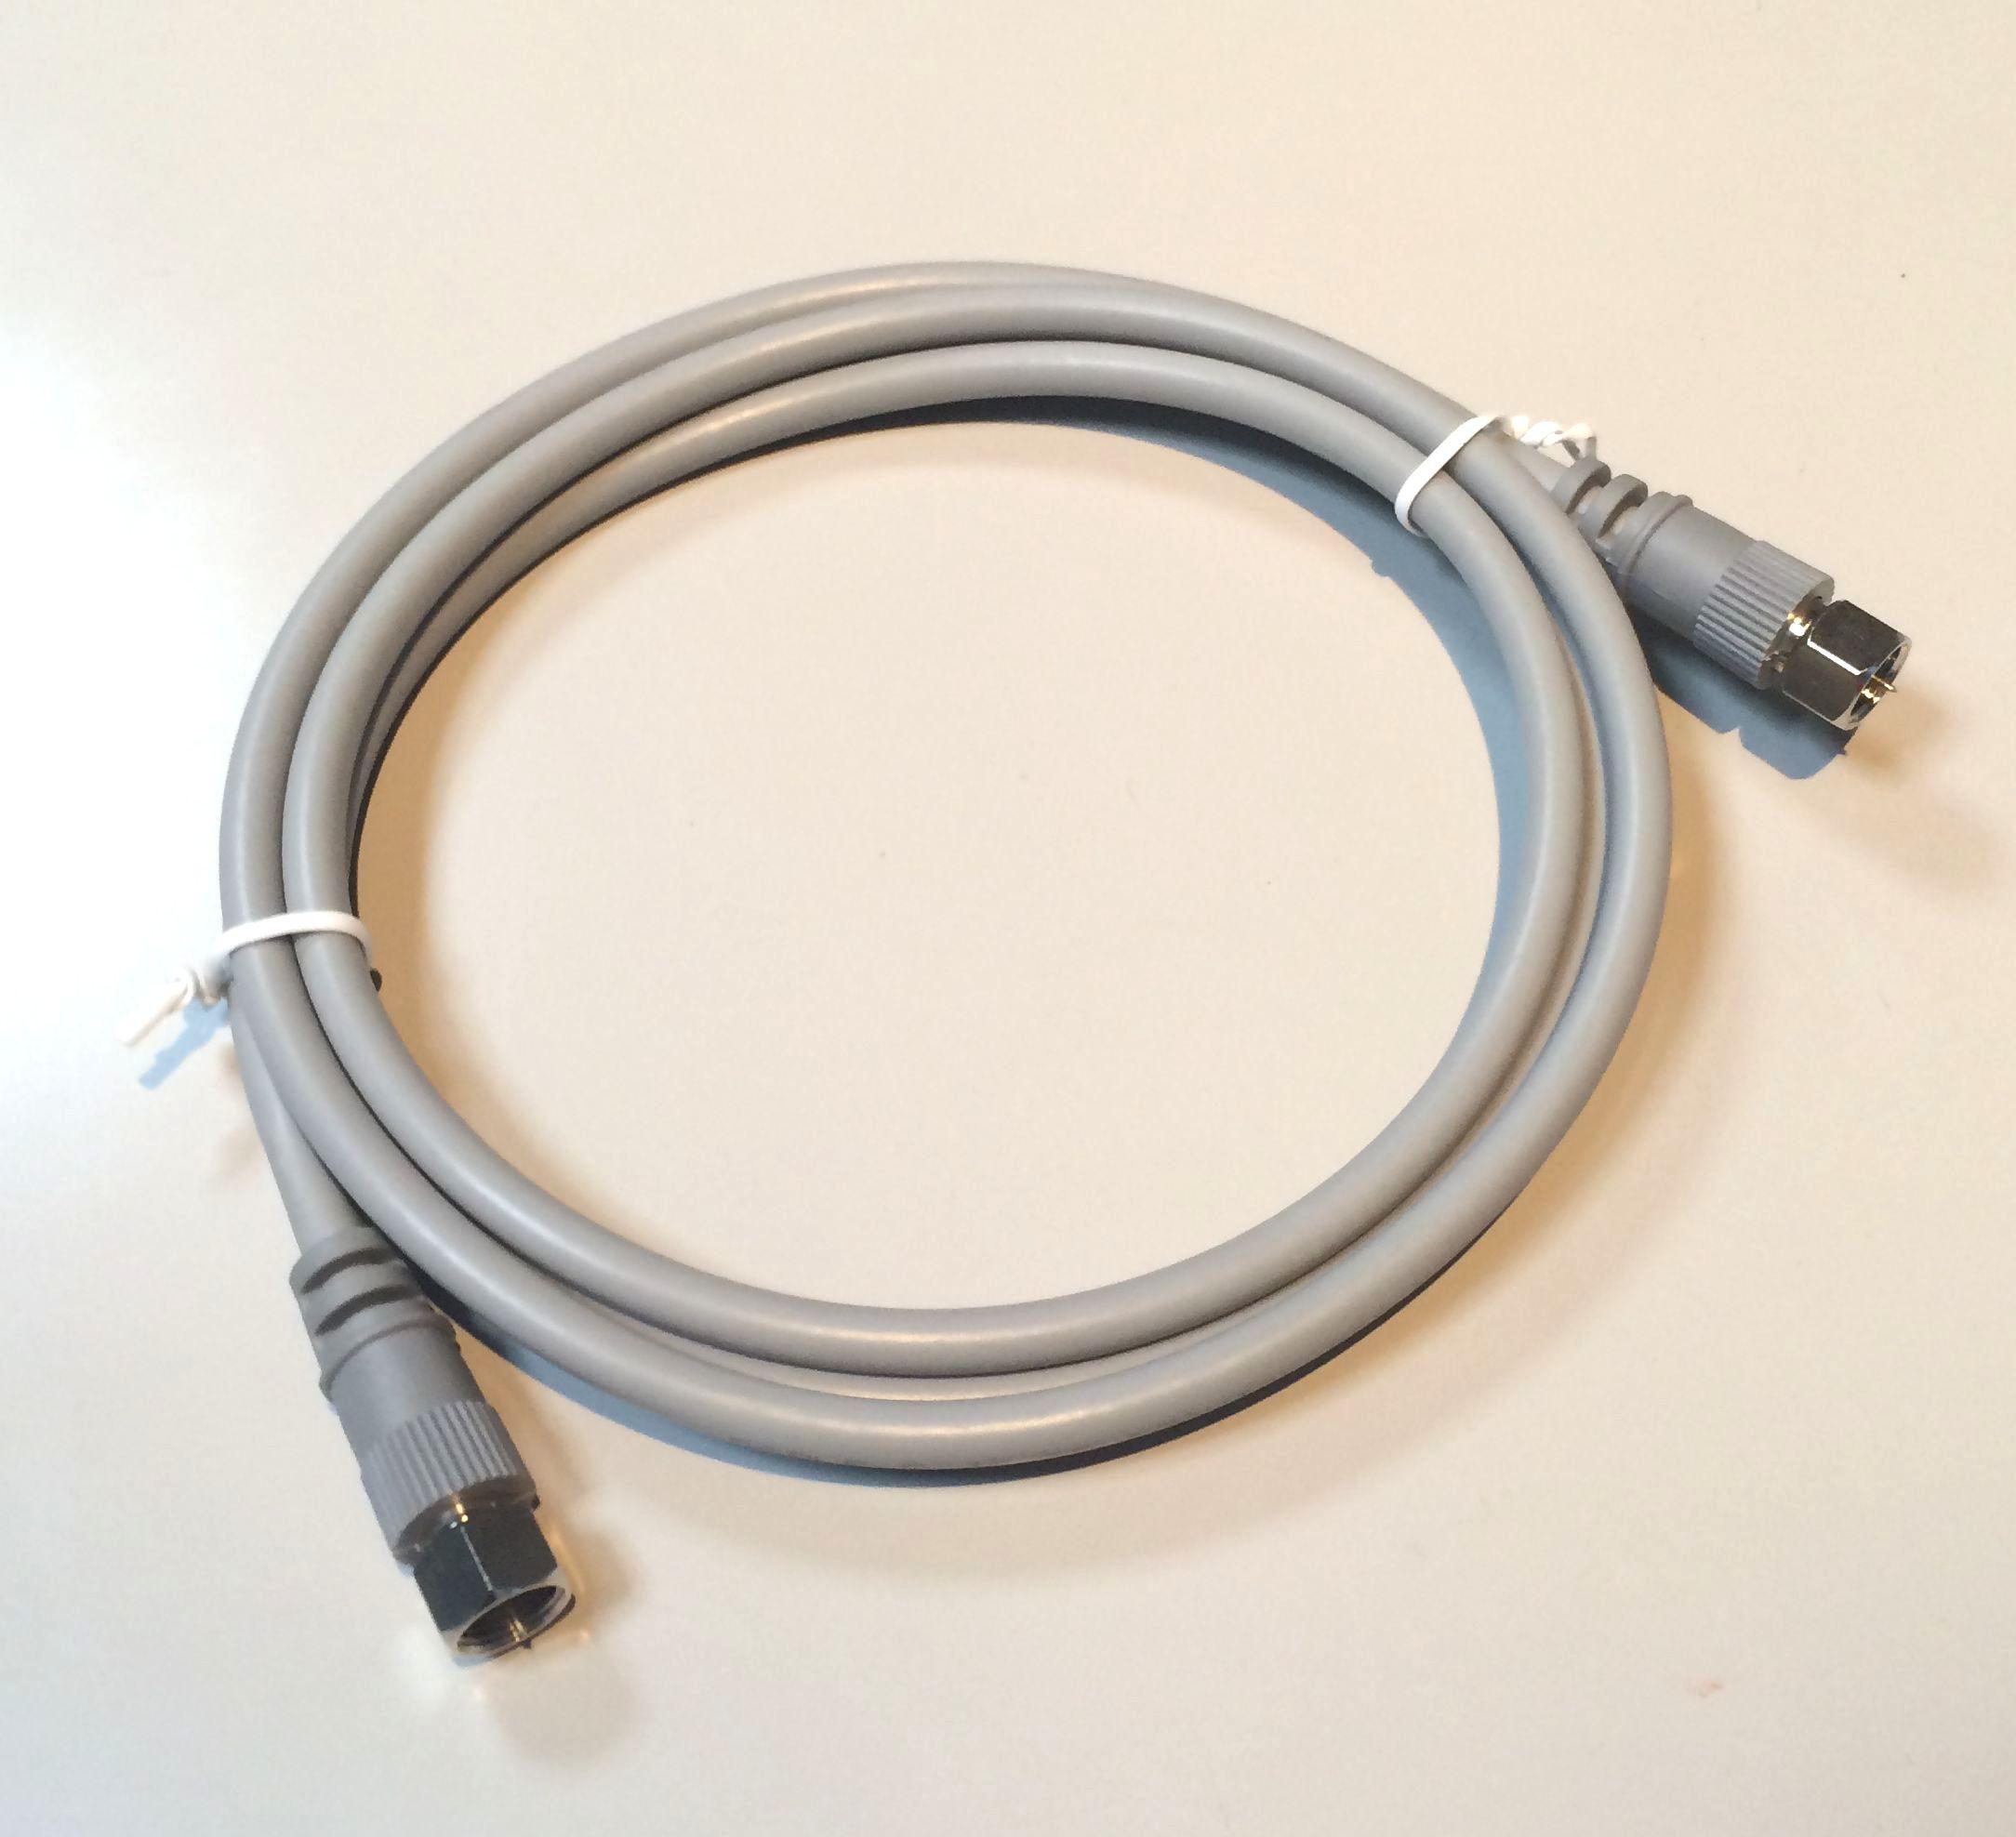 【送料無料】【ノーブランド】 4C-FB-FF-1.5M テレビケーブル4C両端接栓1.5m(グレー)10本セット